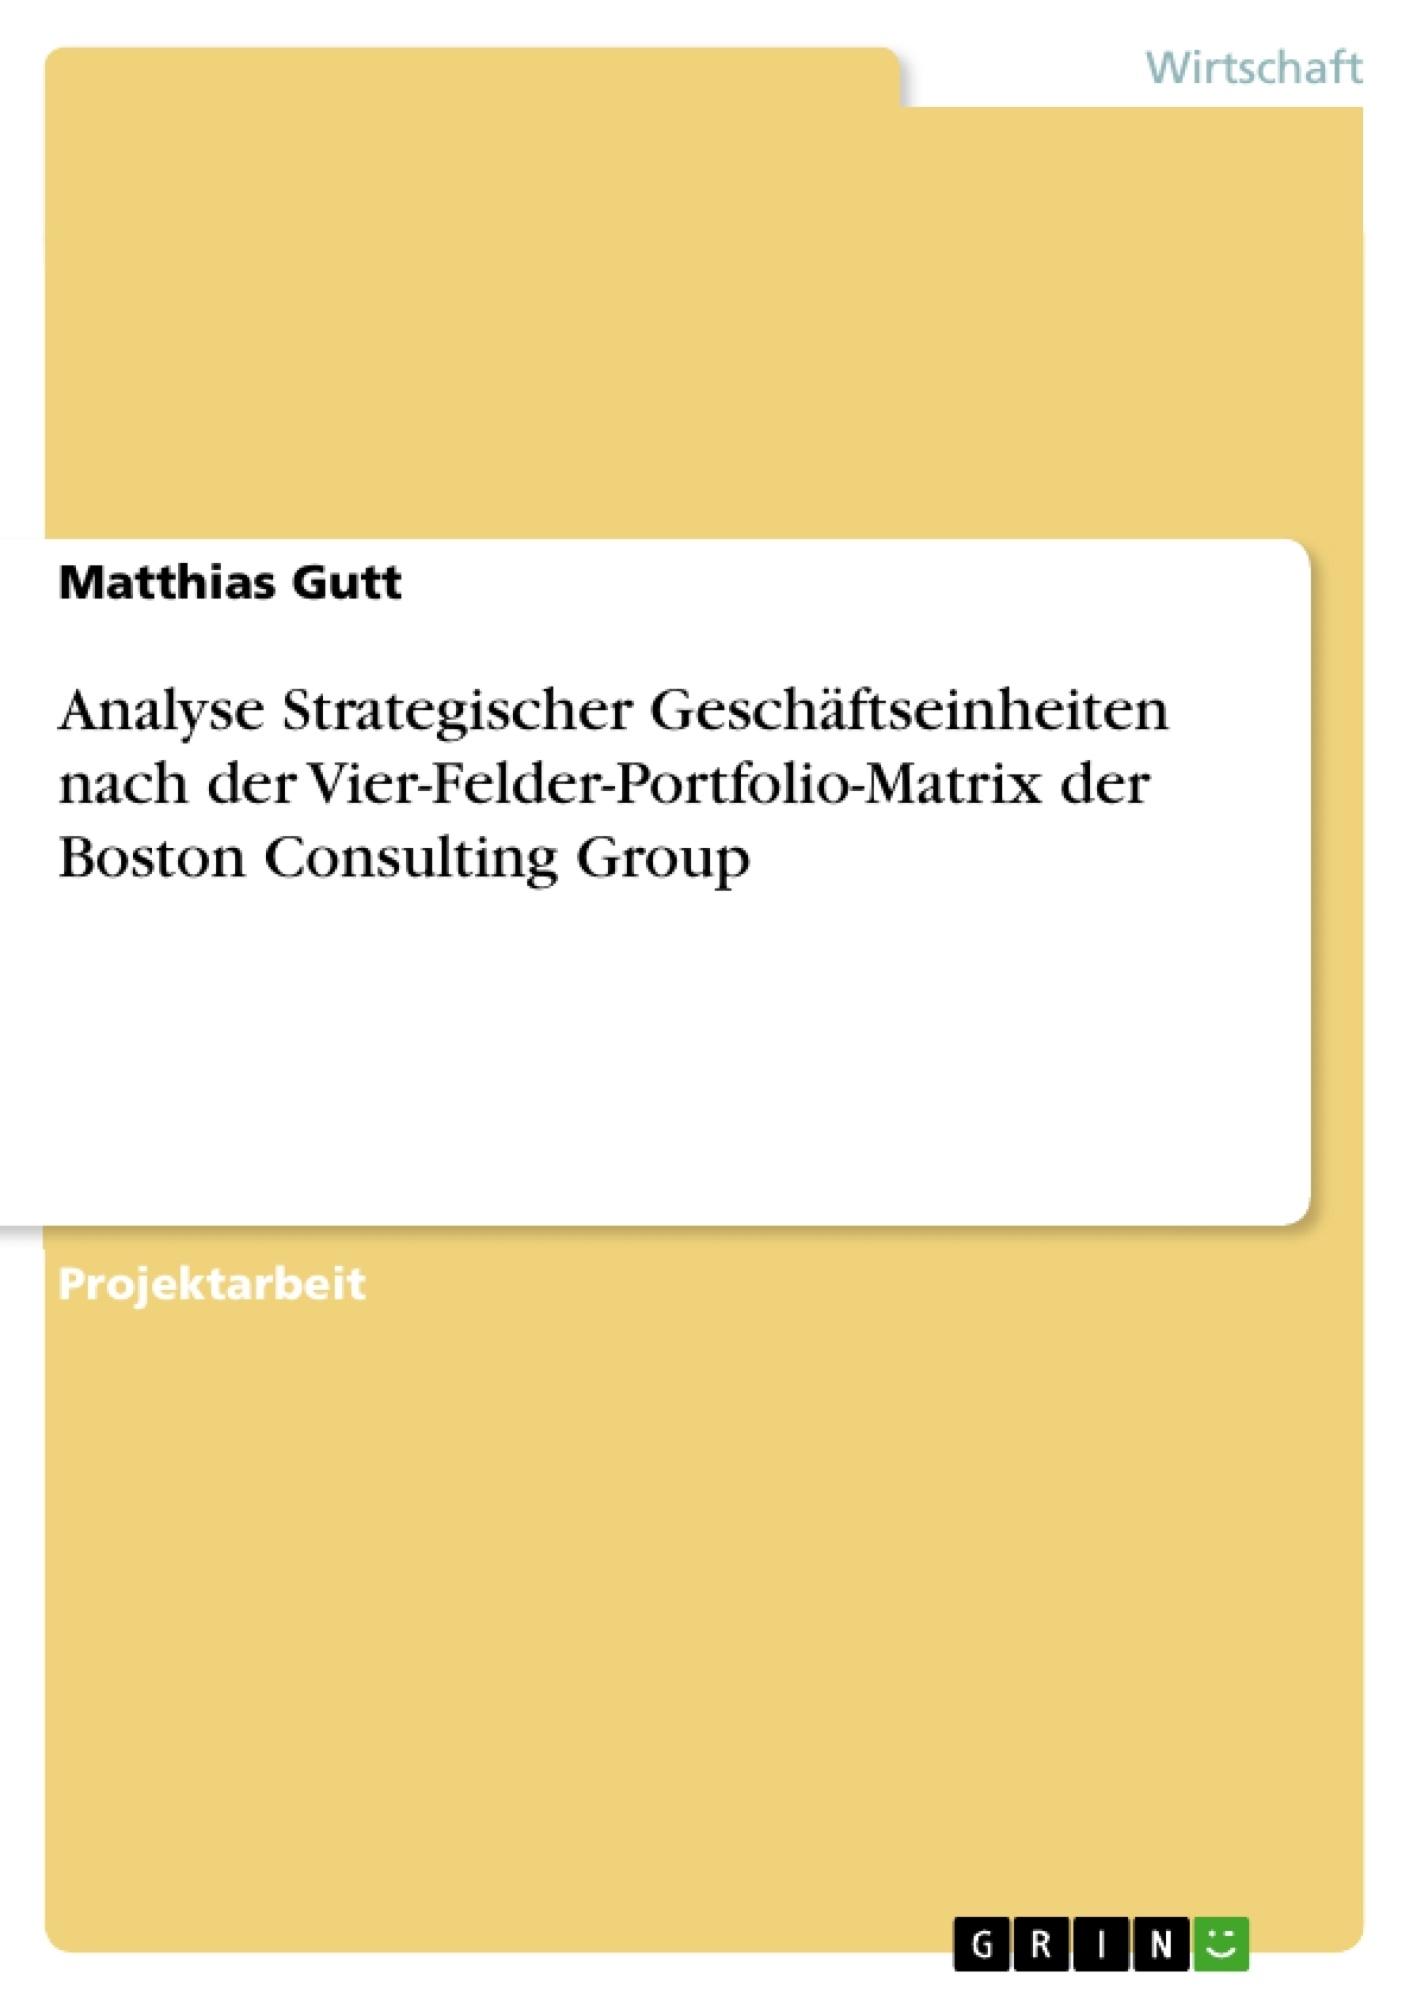 Titel: Analyse Strategischer Geschäftseinheiten nach der Vier-Felder-Portfolio-Matrix der Boston Consulting Group